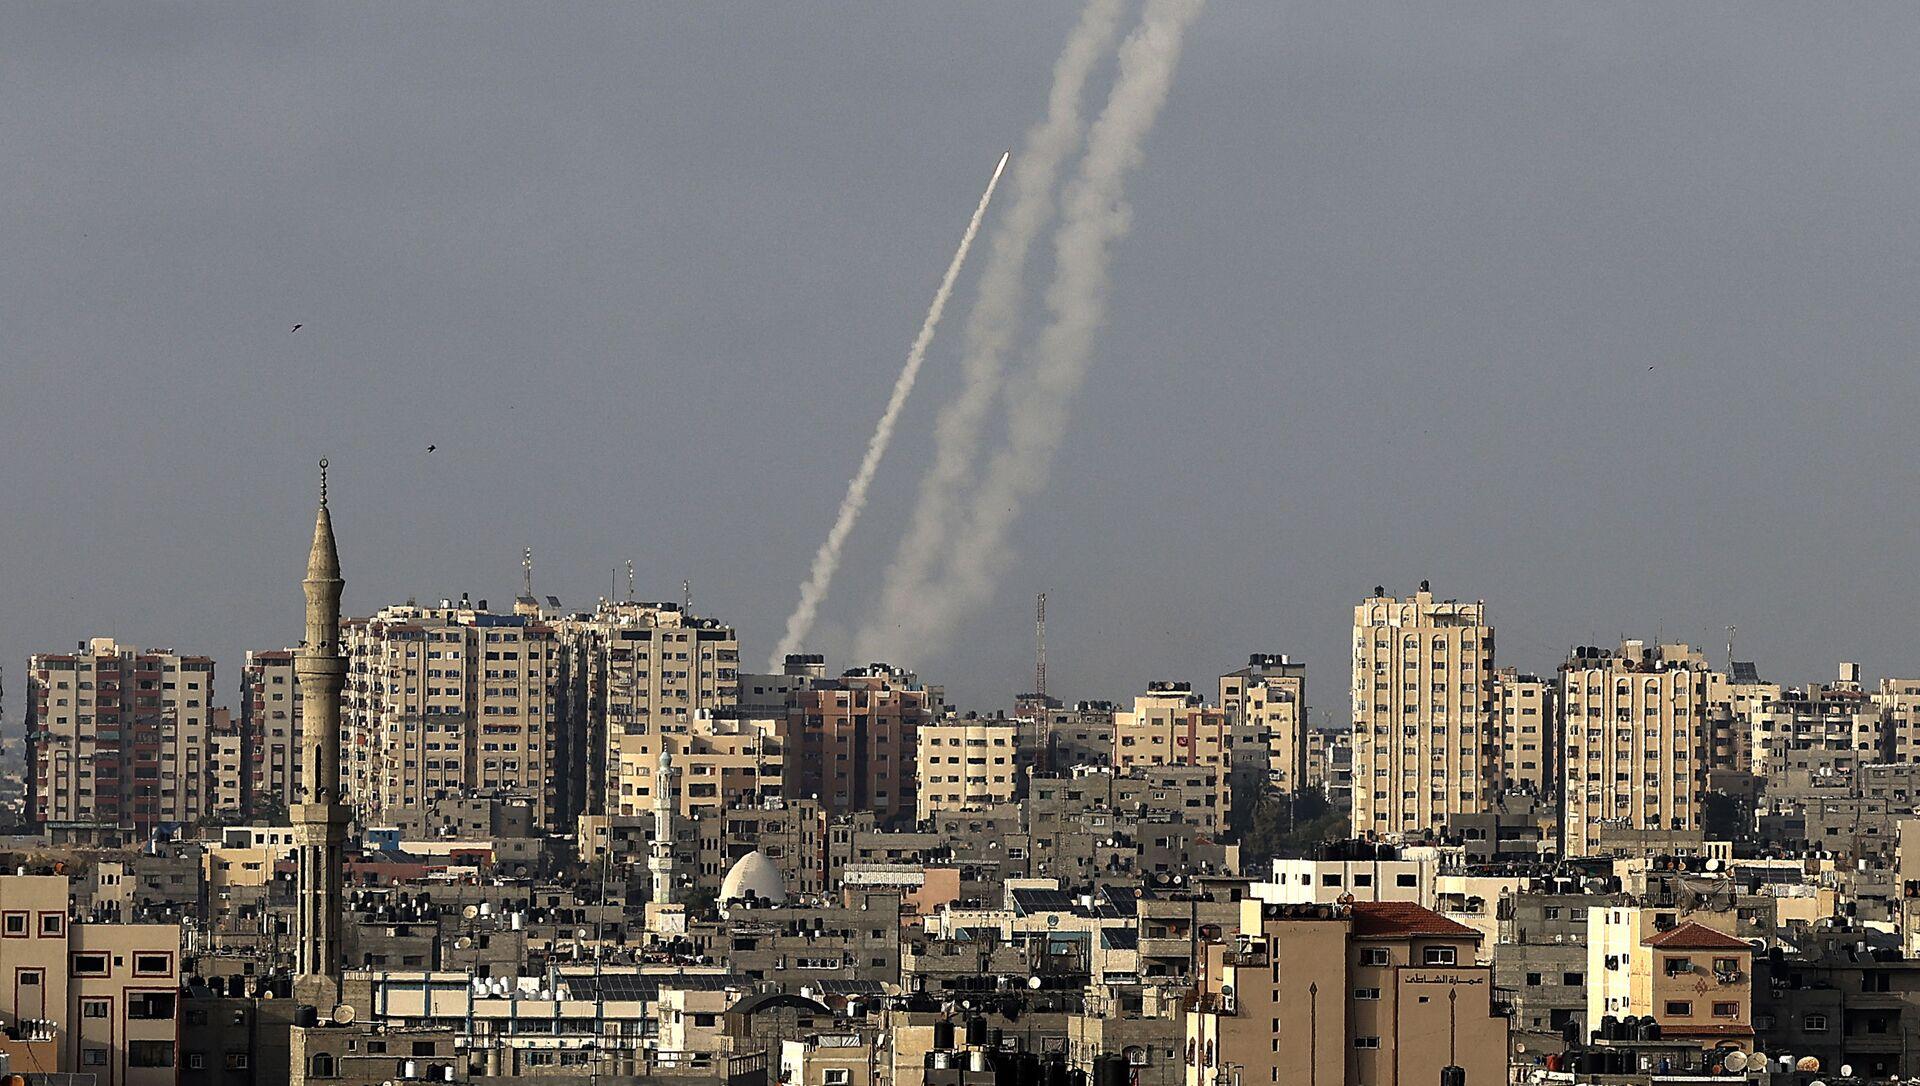 Rakiety wystrzelone z miasta Gaza w kierunku Izraela - Sputnik Polska, 1920, 10.05.2021